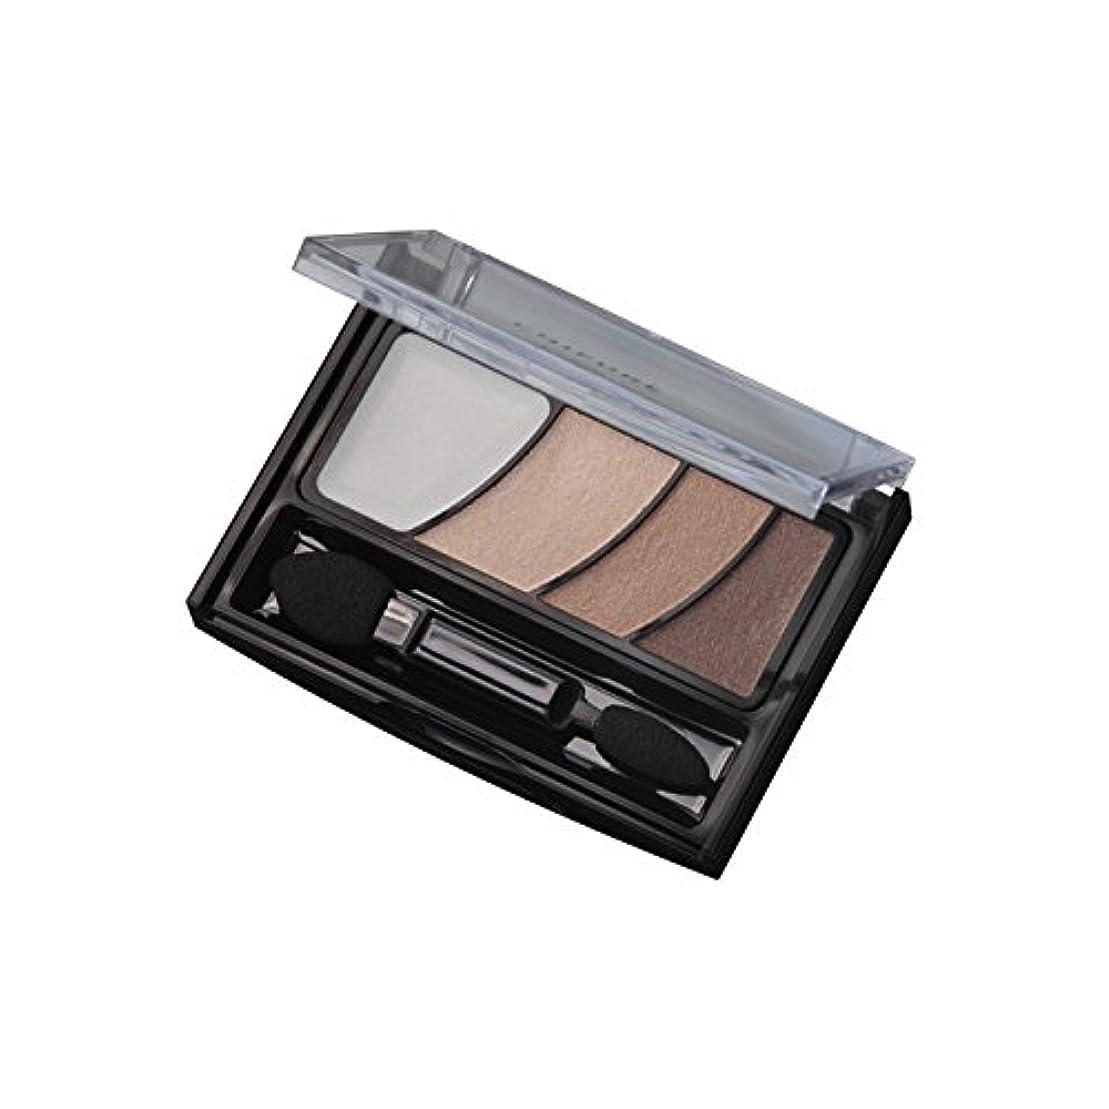 湿気の多いキリストボードちふれ化粧品 グラデーション アイ カラー(チップ付) 74 ブラウン系 アイカラー74